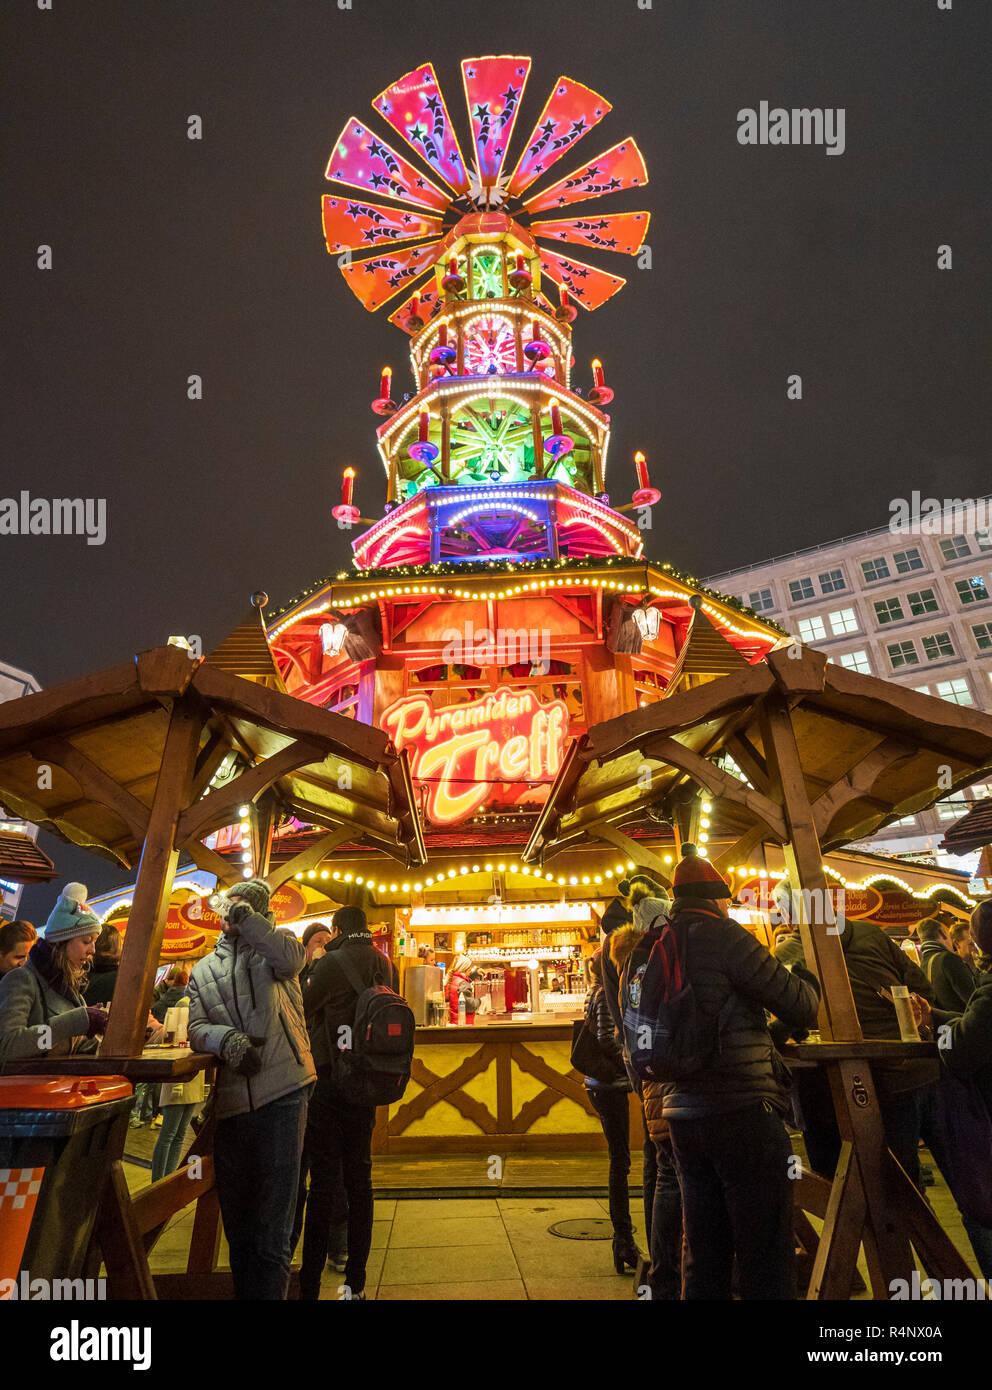 Berlín, Alemania. 27 noviembre, 2018. El tradicional y mundialmente famosa de Alemania los mercados de Navidad abierta al público. Este es en Alexanderplatz debajo de la pirámide tradicional Treff Pyramiden o lugar de reunión. Crédito: Iain Masterton/Alamy Live News Imagen De Stock